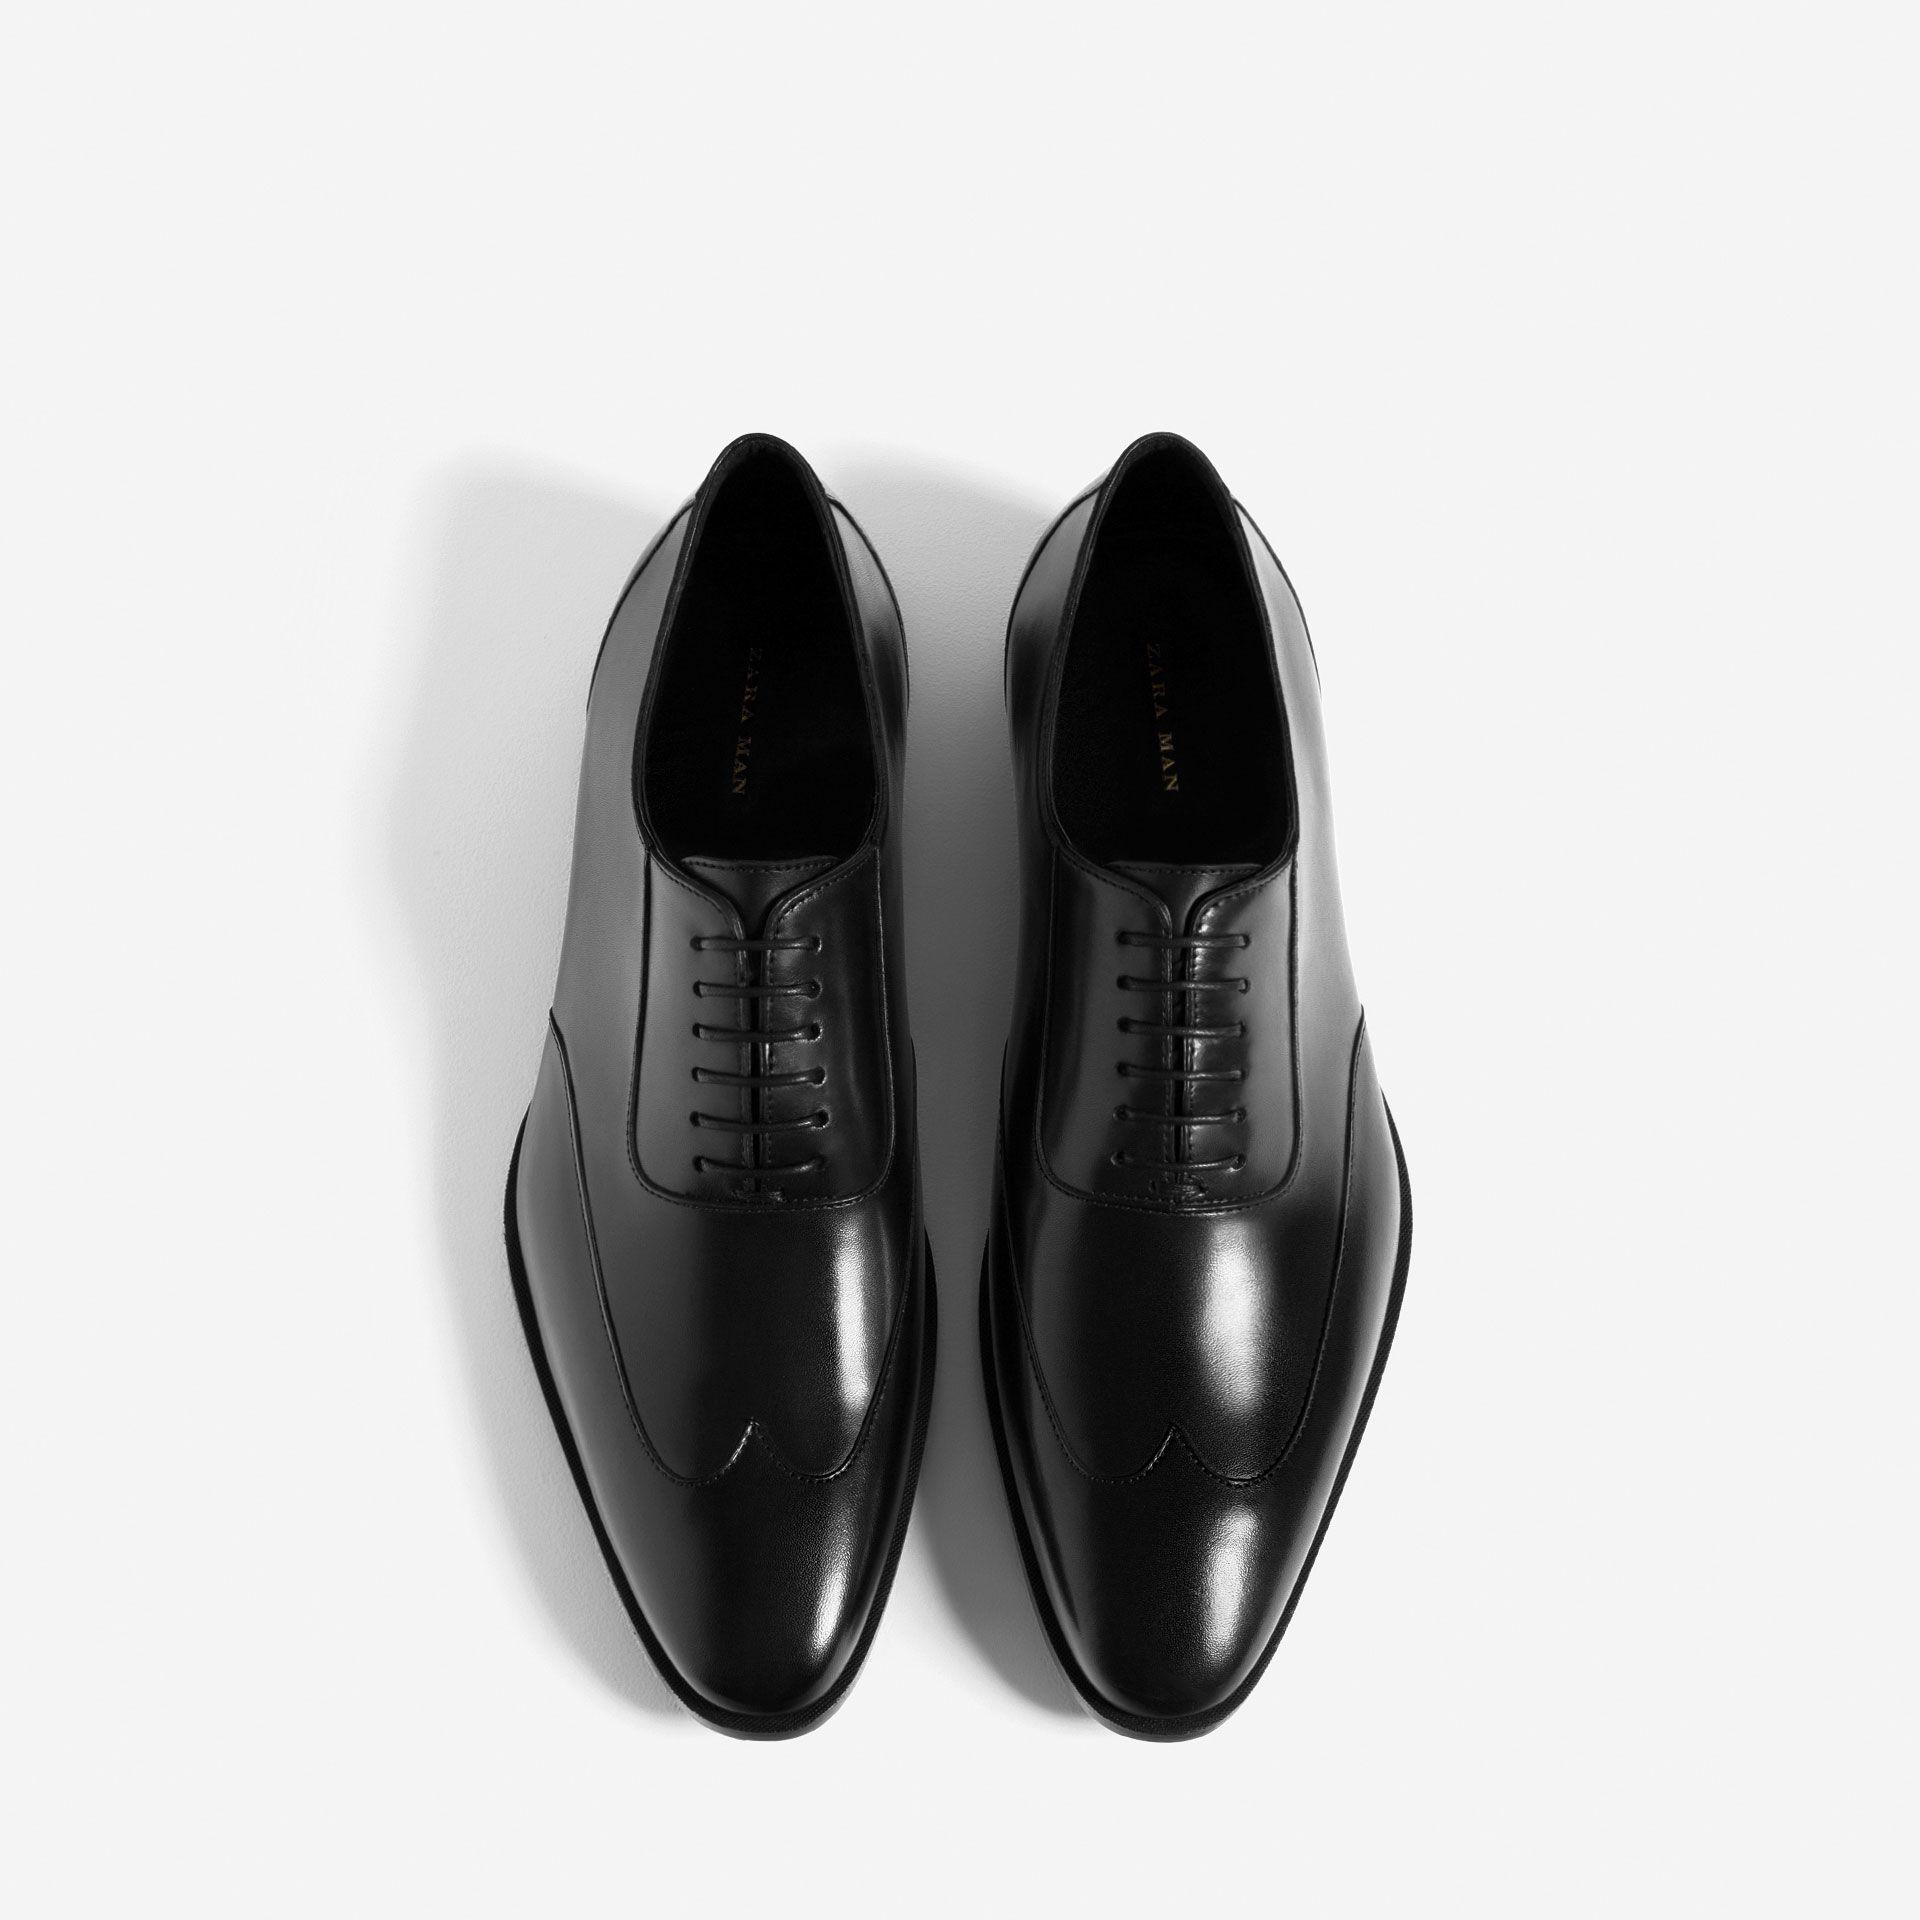 Piel Zapatos Zapato Pala Ecuador Vega HombreZara 8nmwONv0